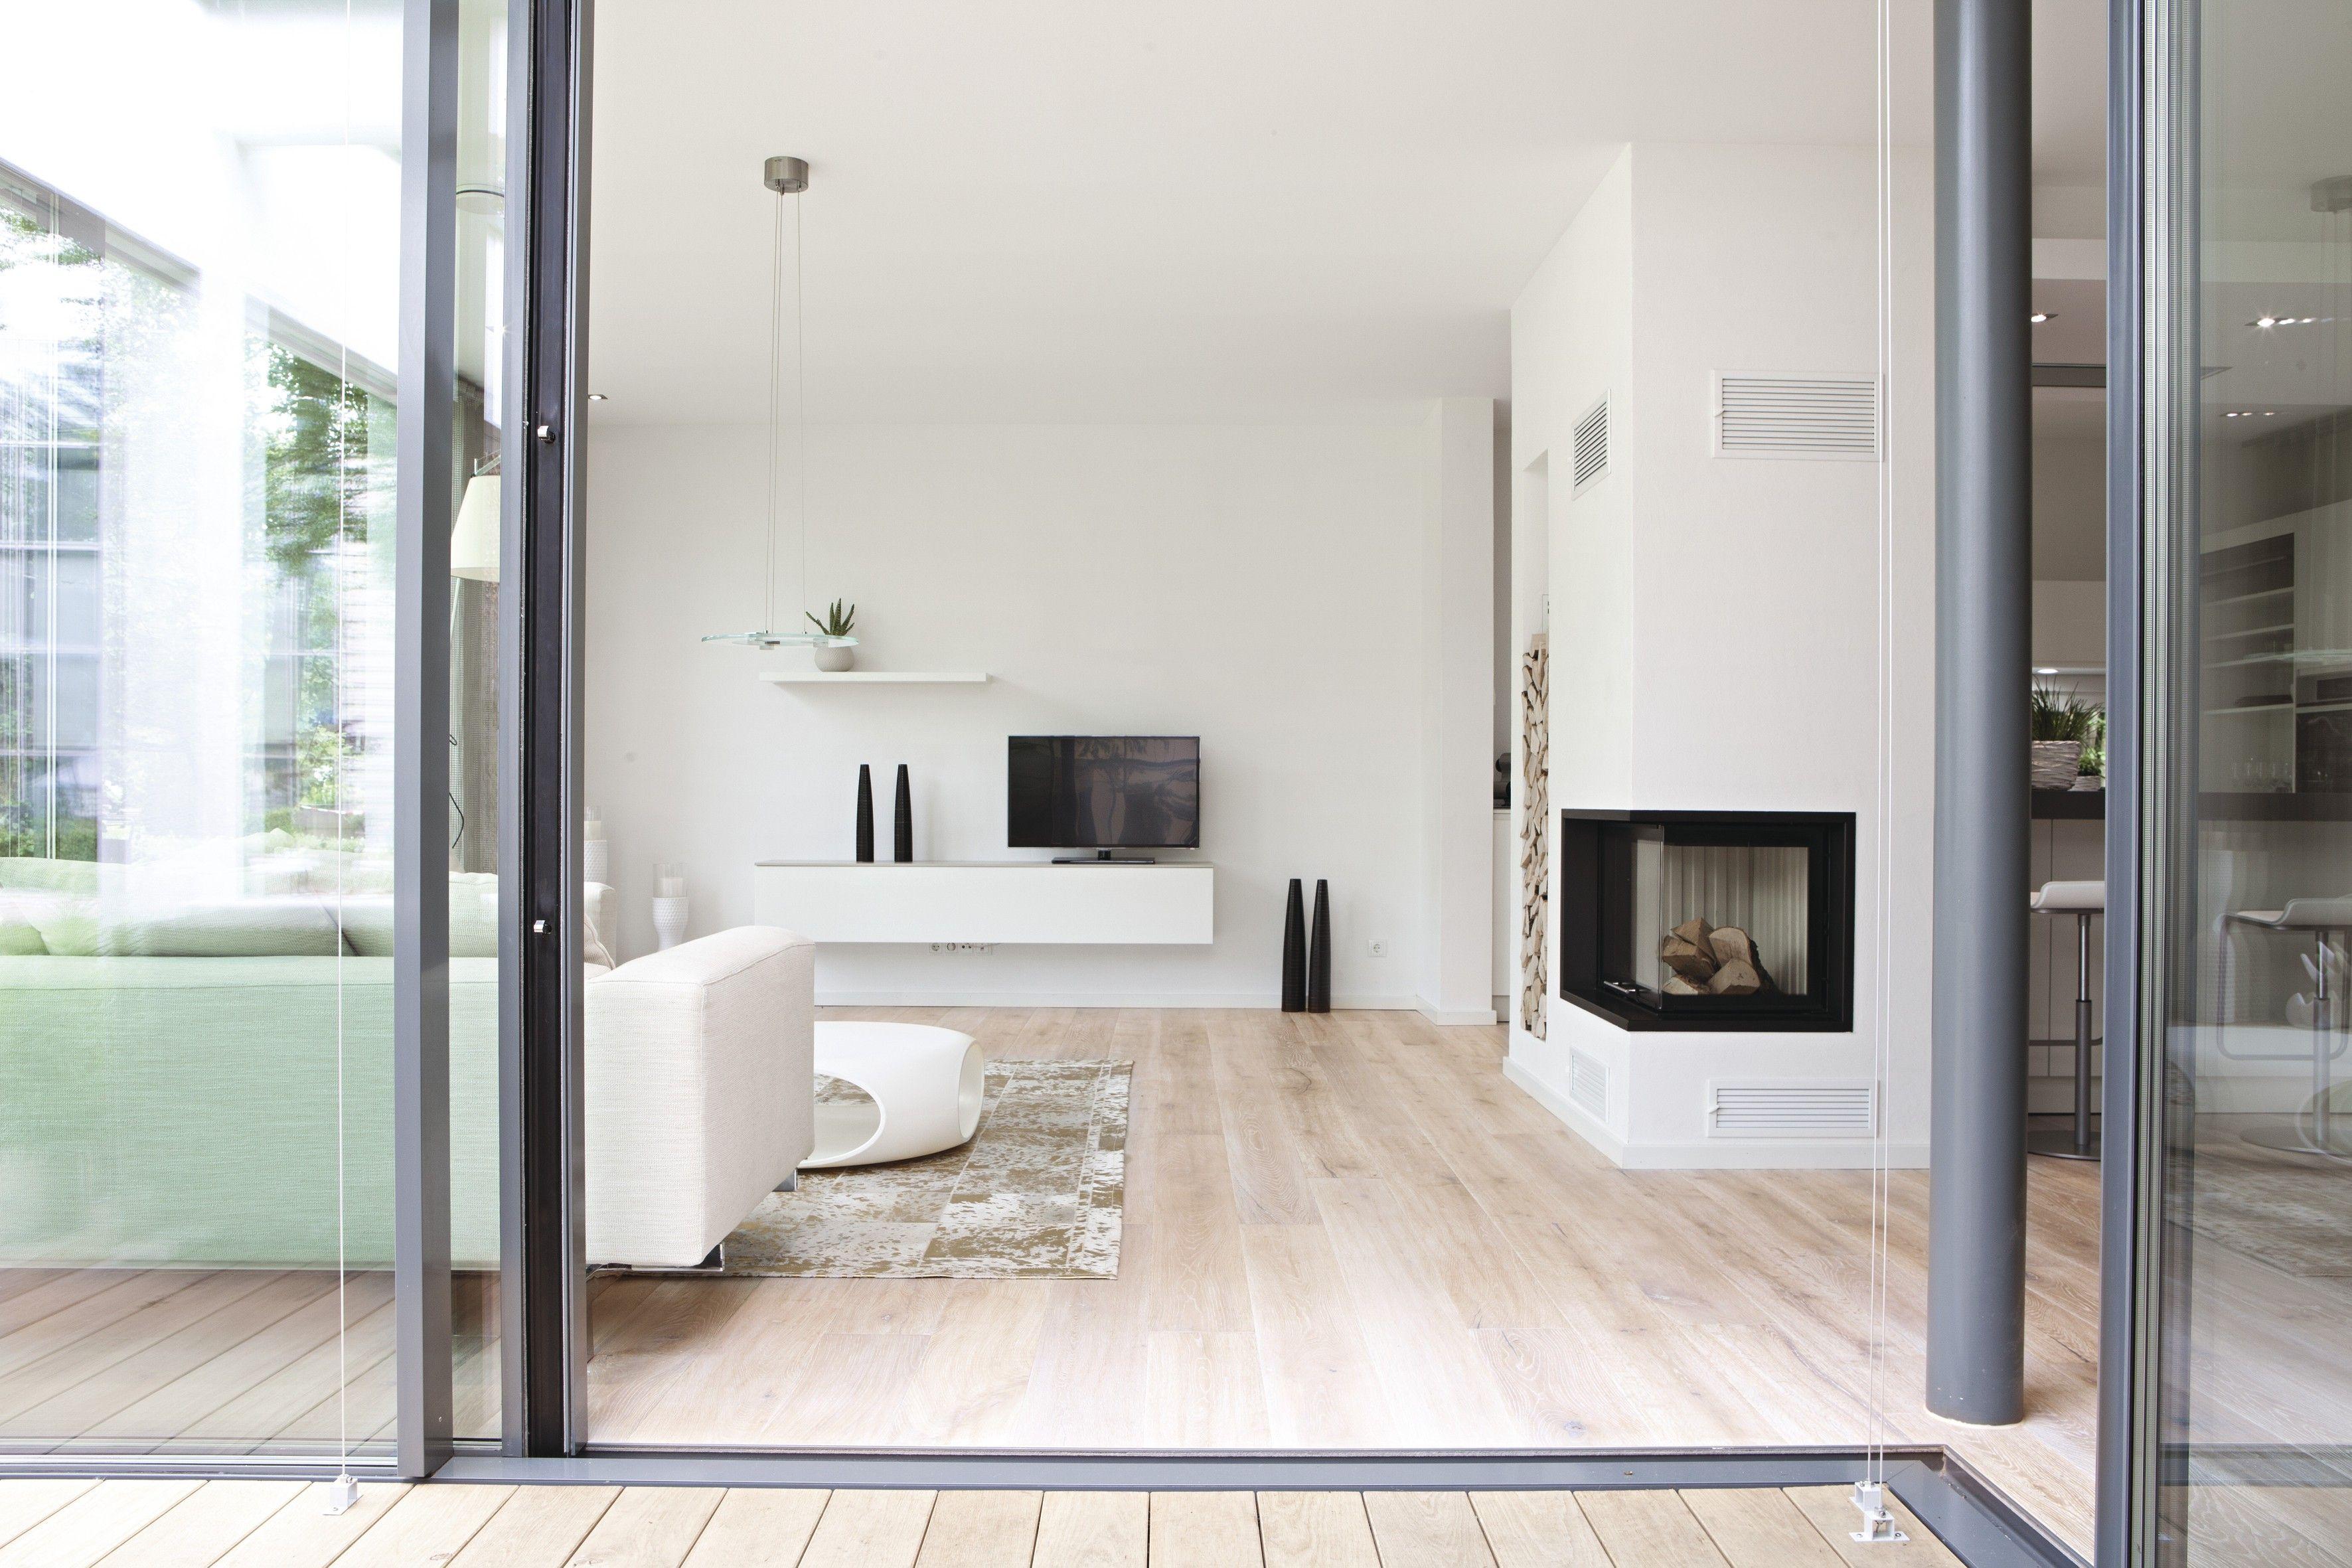 Wohnzimmer des modernen interieurs des hauses wohnzimmer mit kamin  bungalow  pinterest  living rooms bungalow